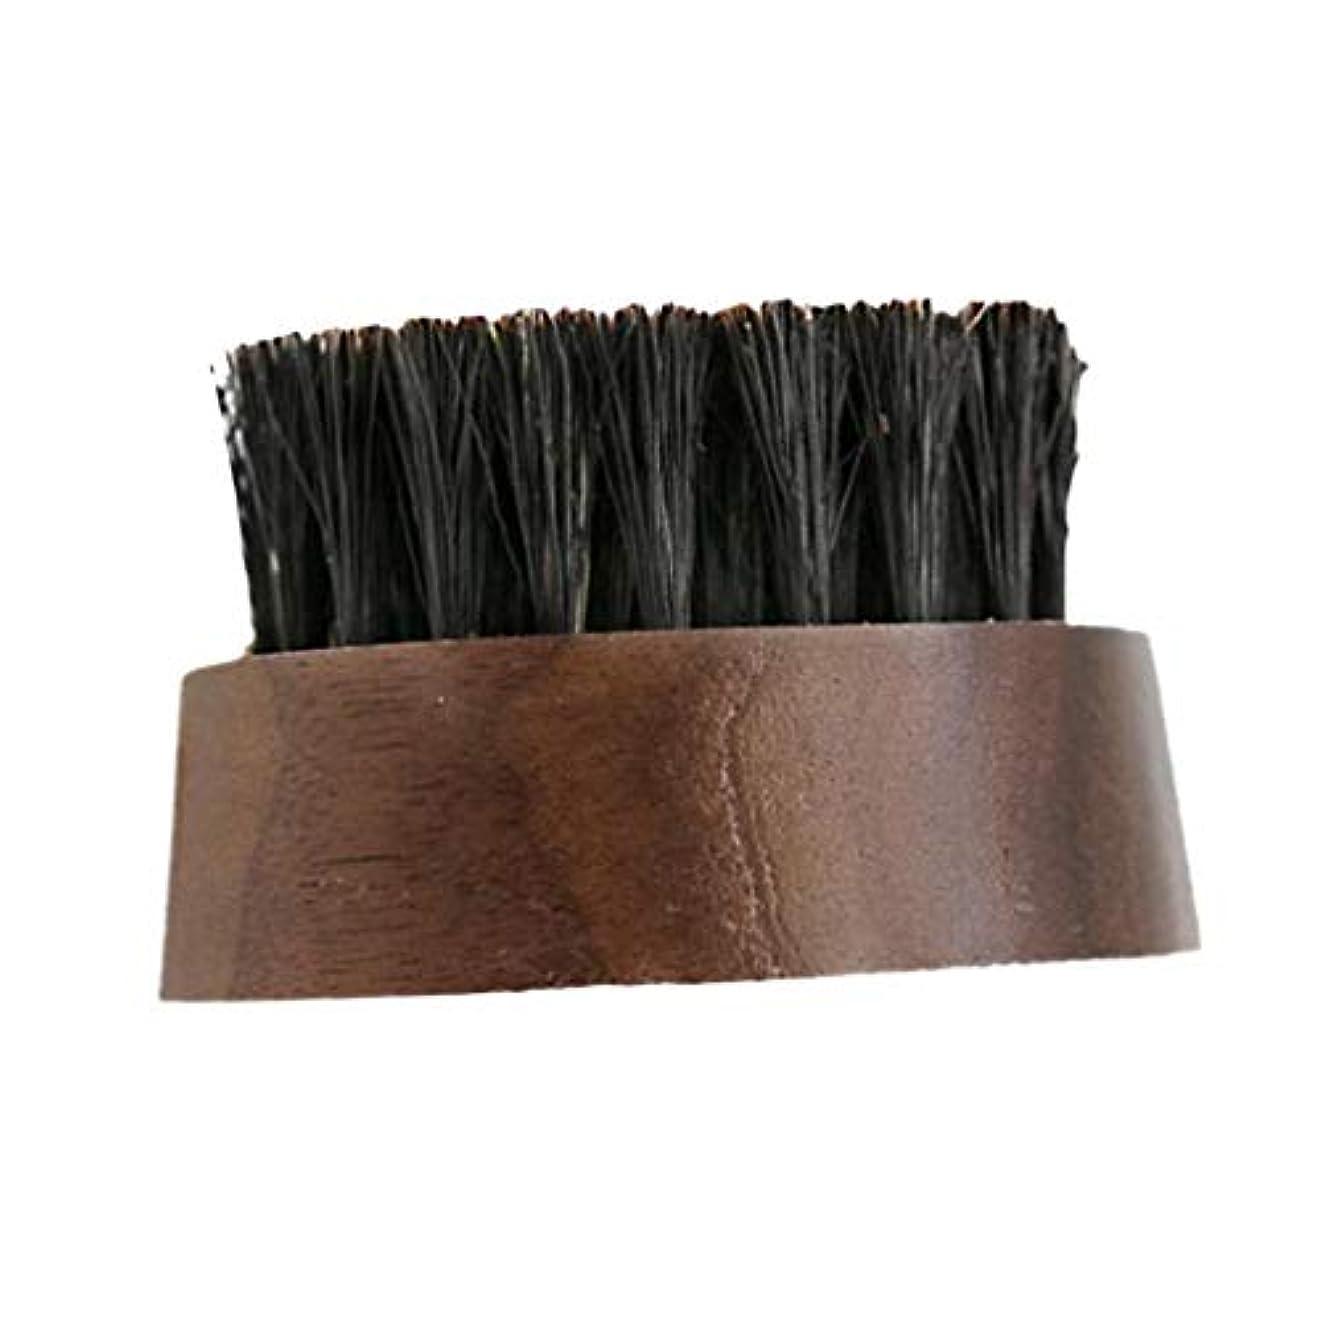 ロデオグリーンバック指導するdailymall 柔らかい毛ブラシシェービング木製ハンドル理髪ツール顔クリーナーブラシを剃る男性 - 褐色, 説明したように